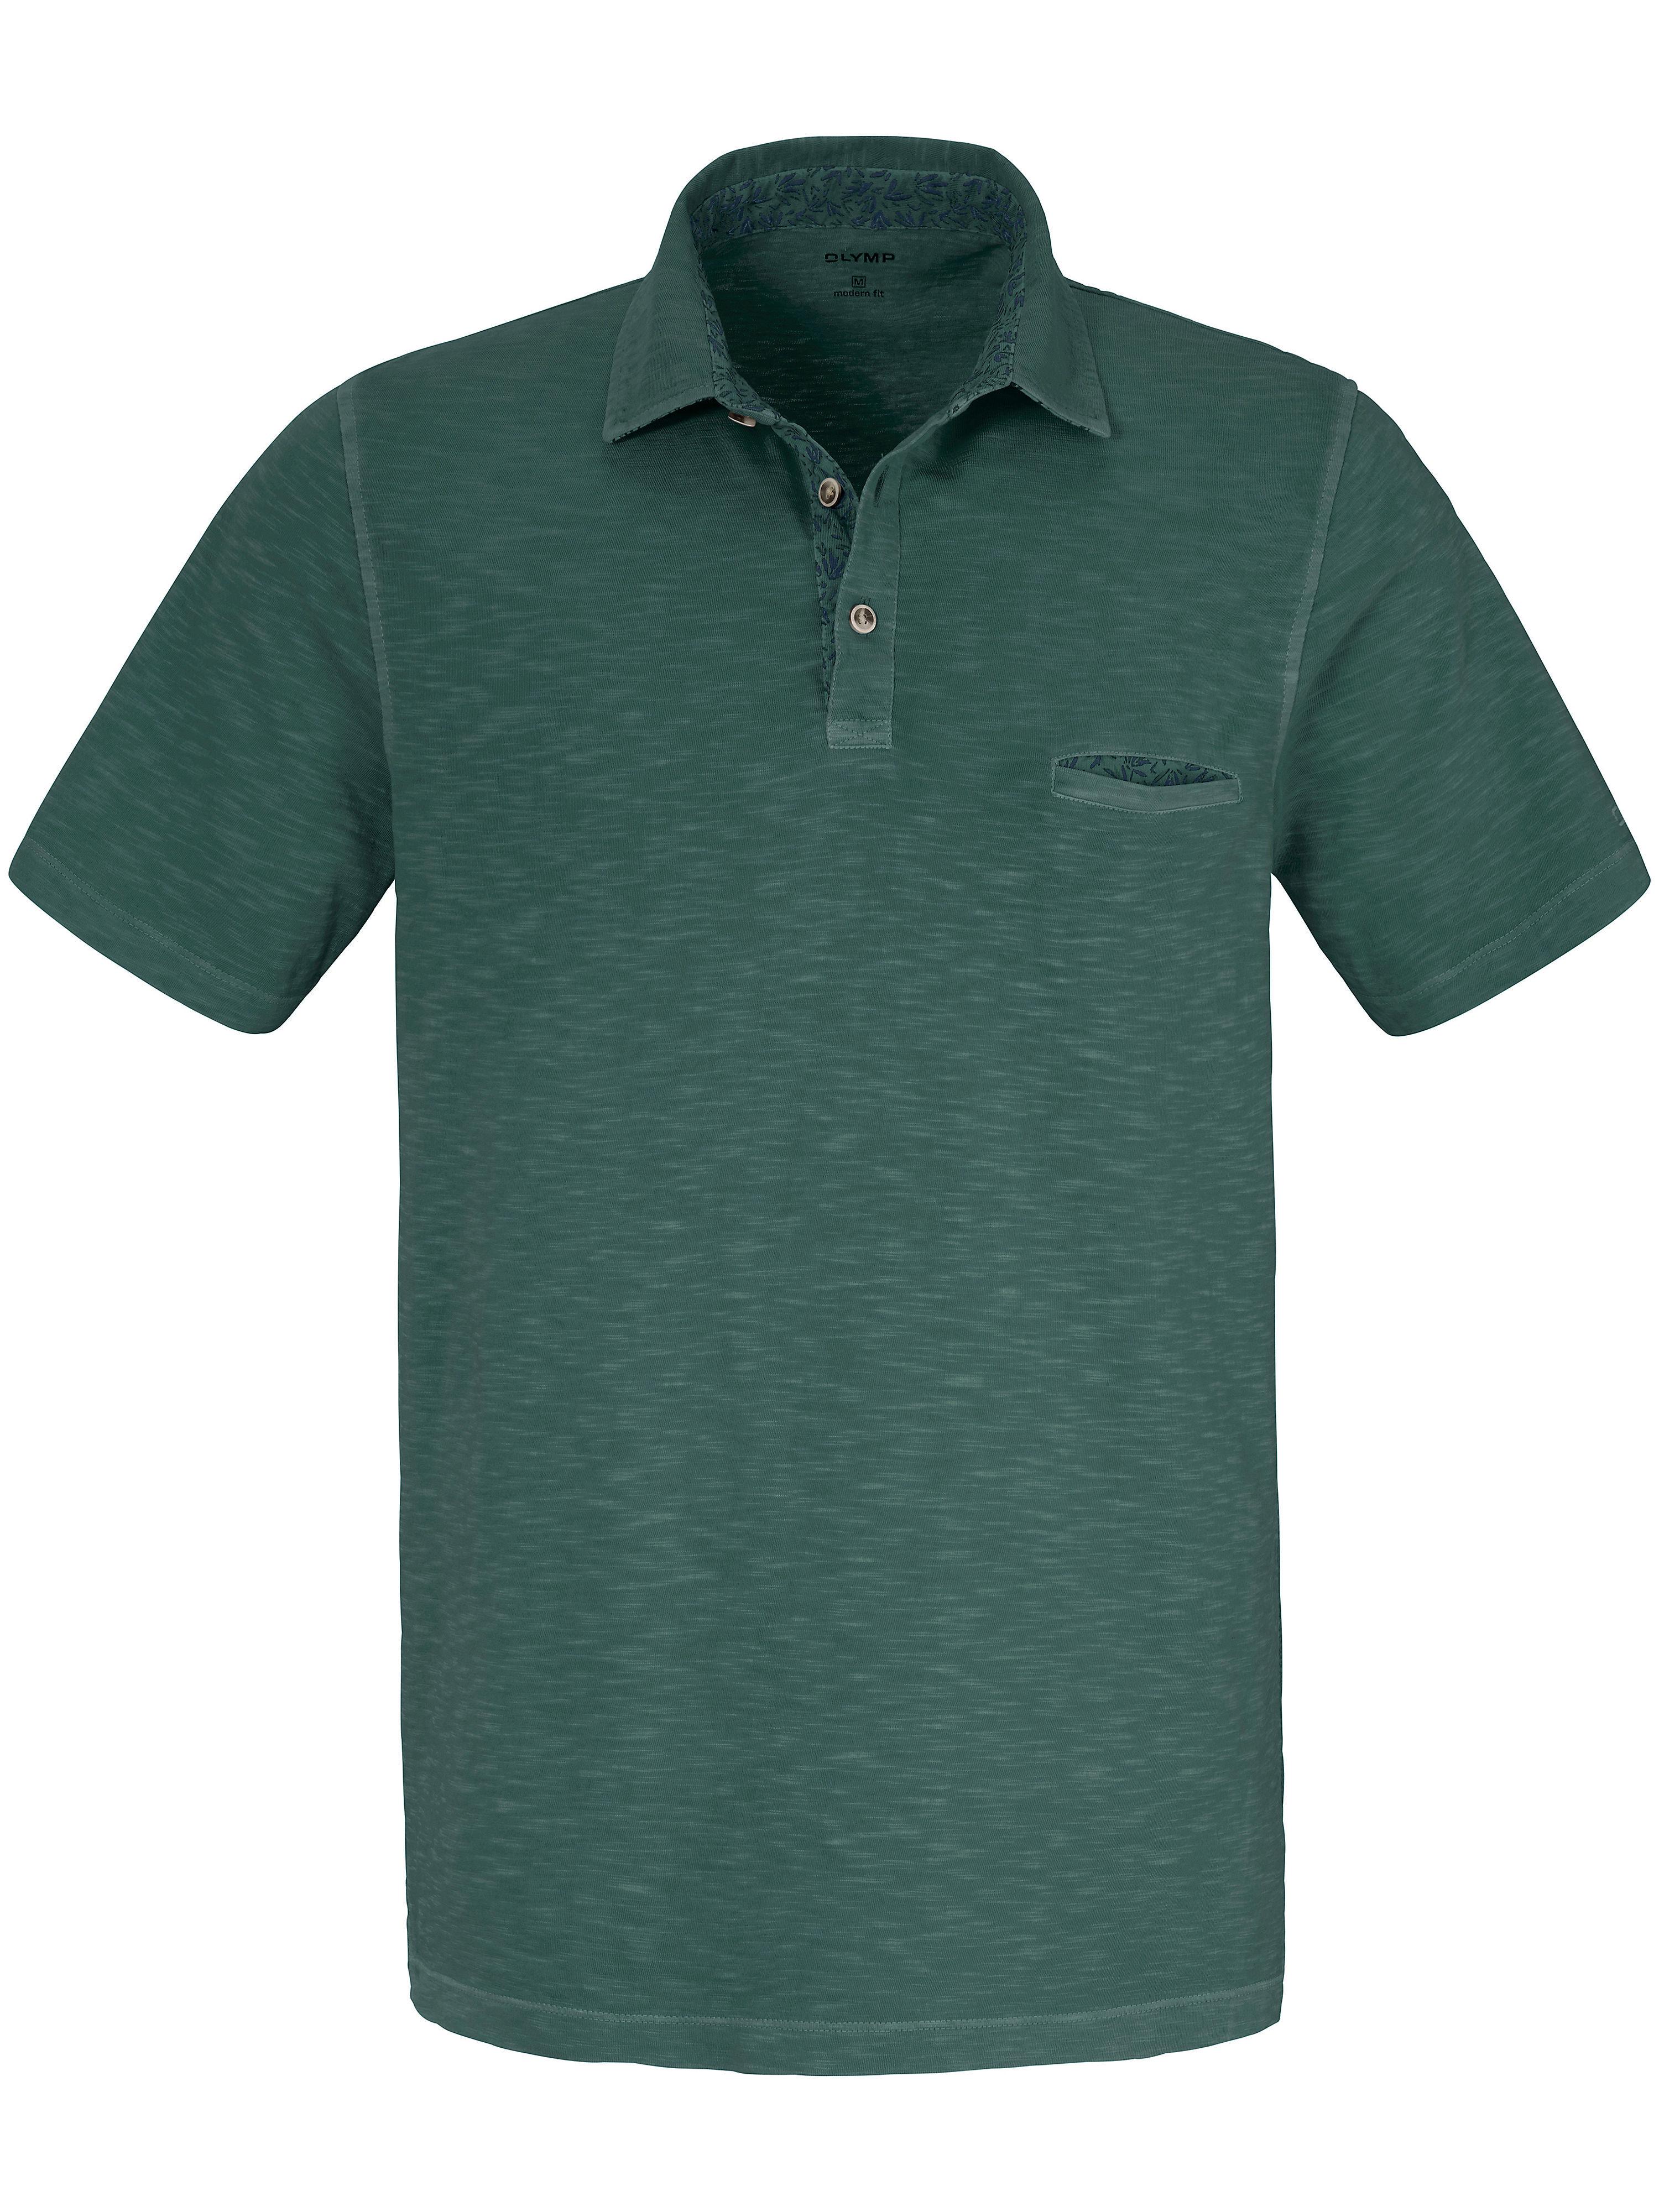 Olymp Polo-Shirt im aktuellen Washer Look Olymp grün